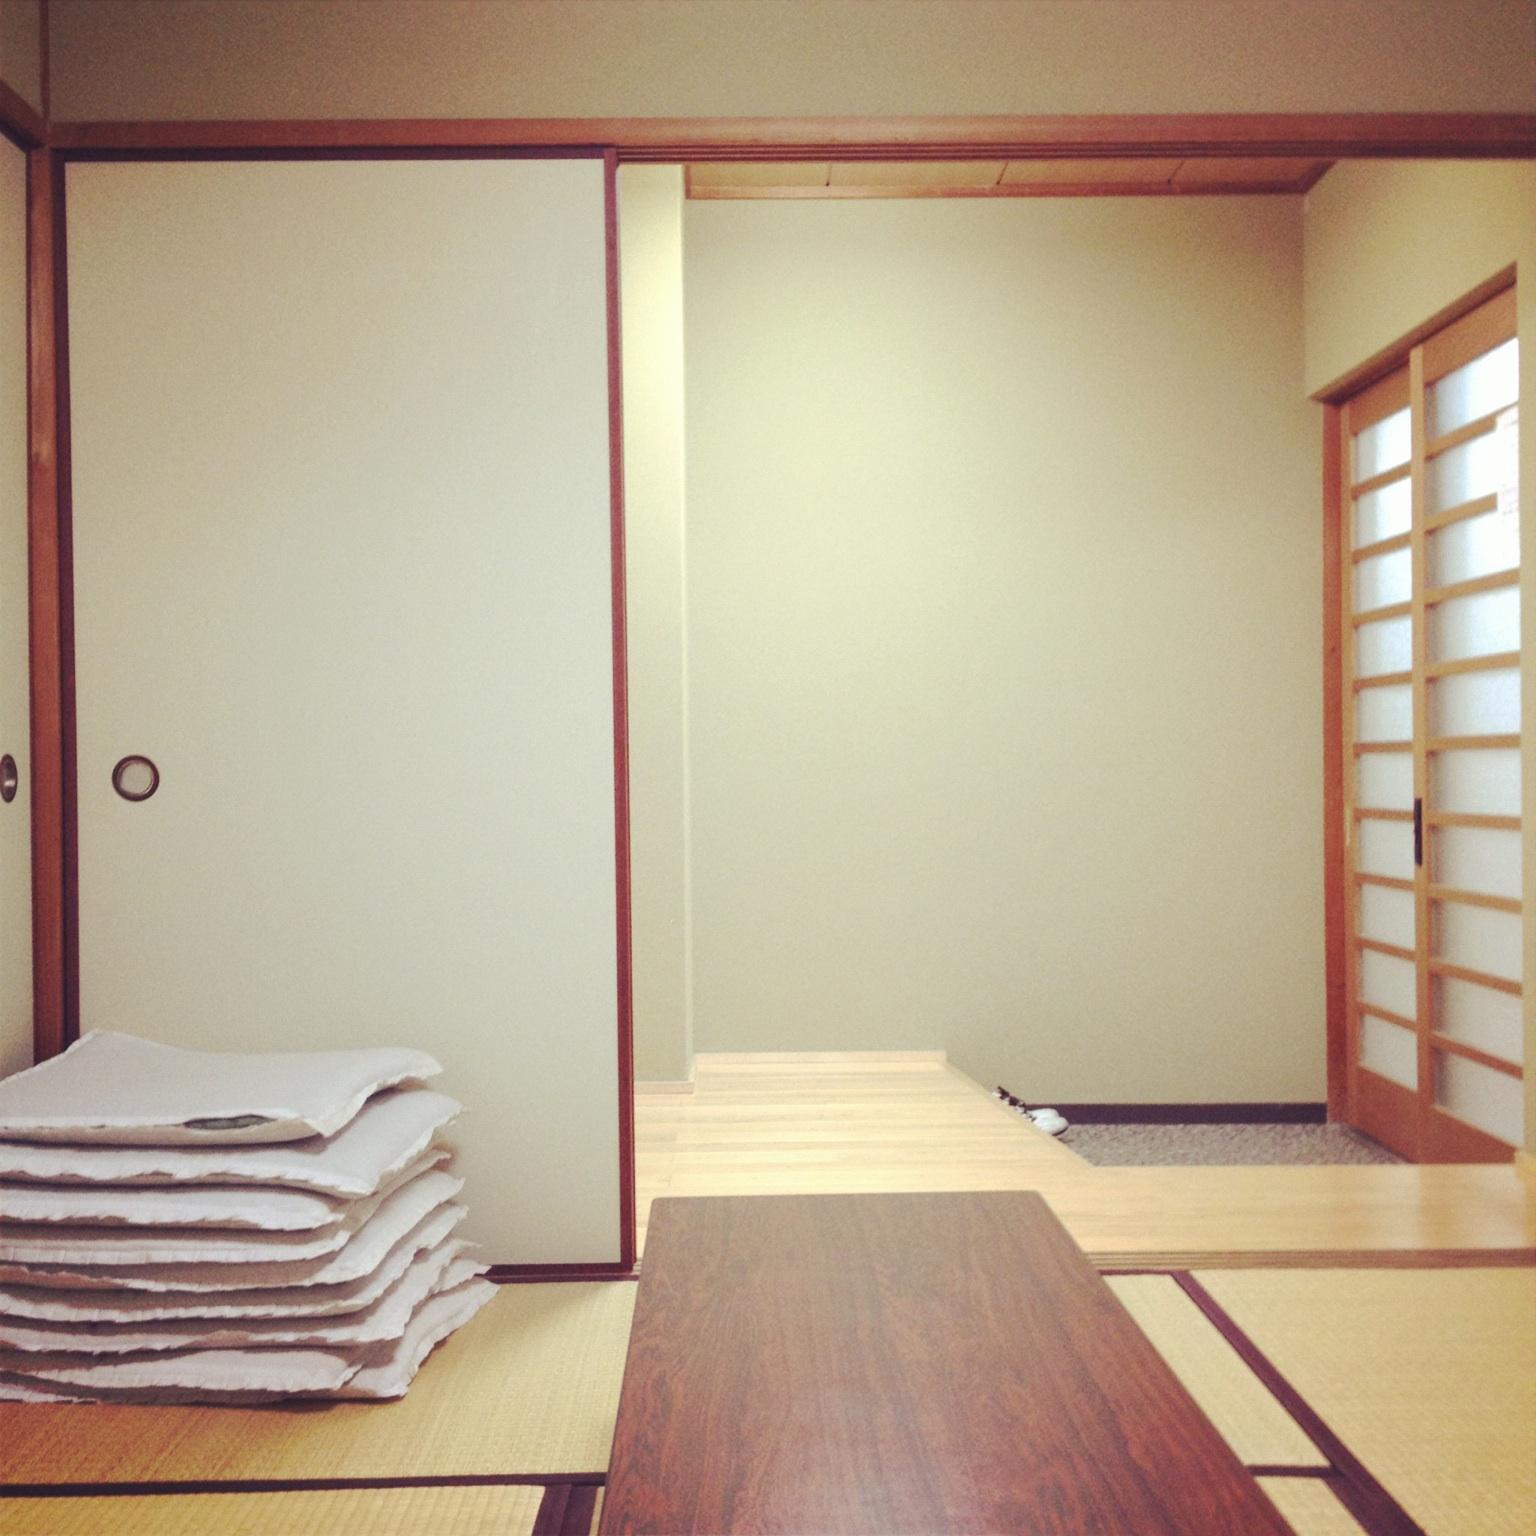 5/17「浮草夜会」第十七夜のお知らせ